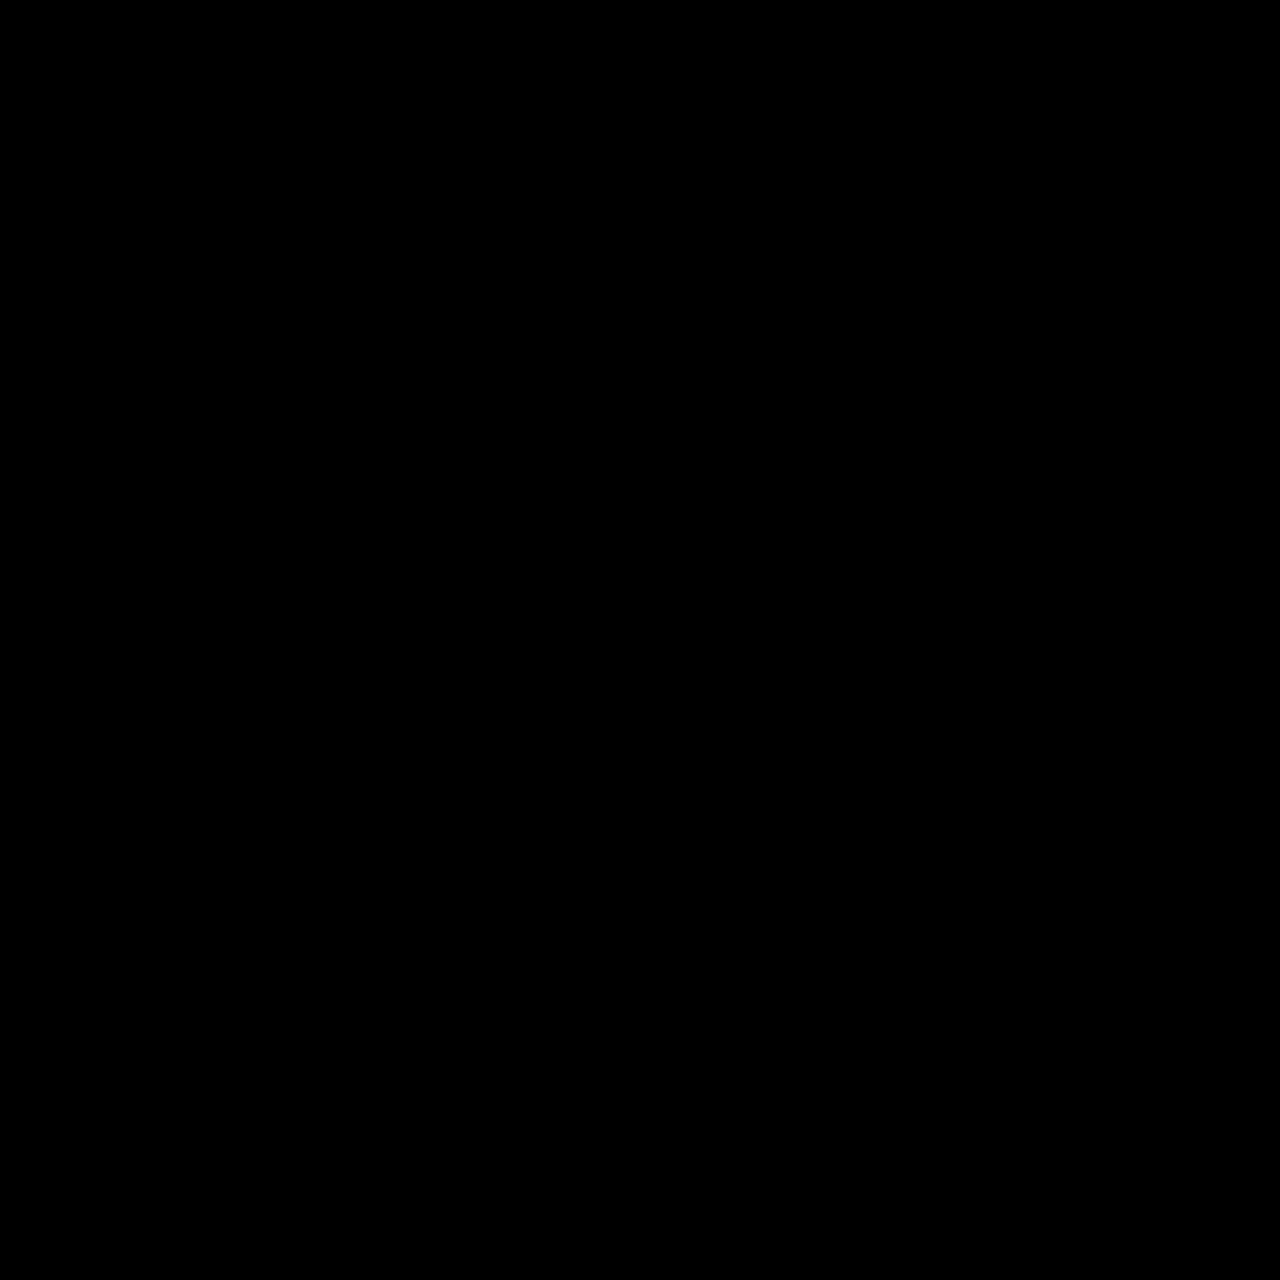 Leone umano  femminile